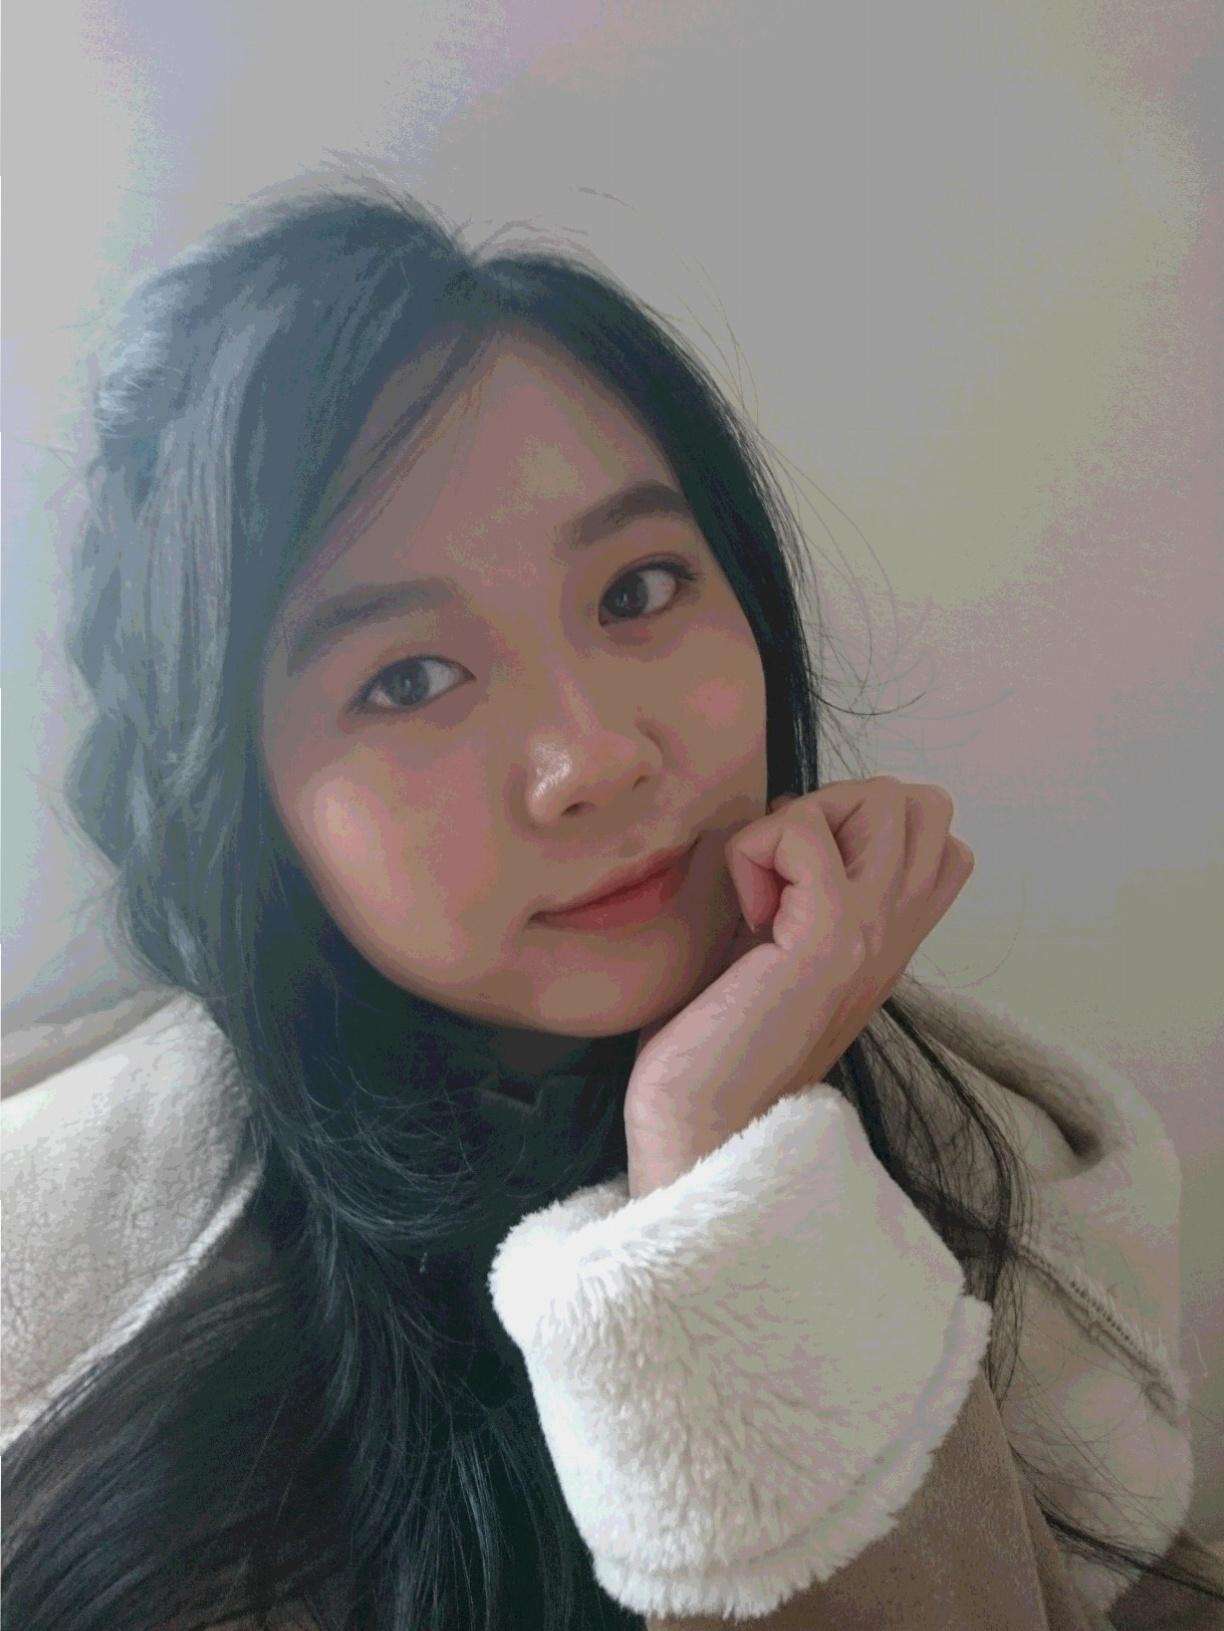 【キャンメイク】新色シャドウで濡れツヤEye 冬メイク≪クリスマス編≫_3